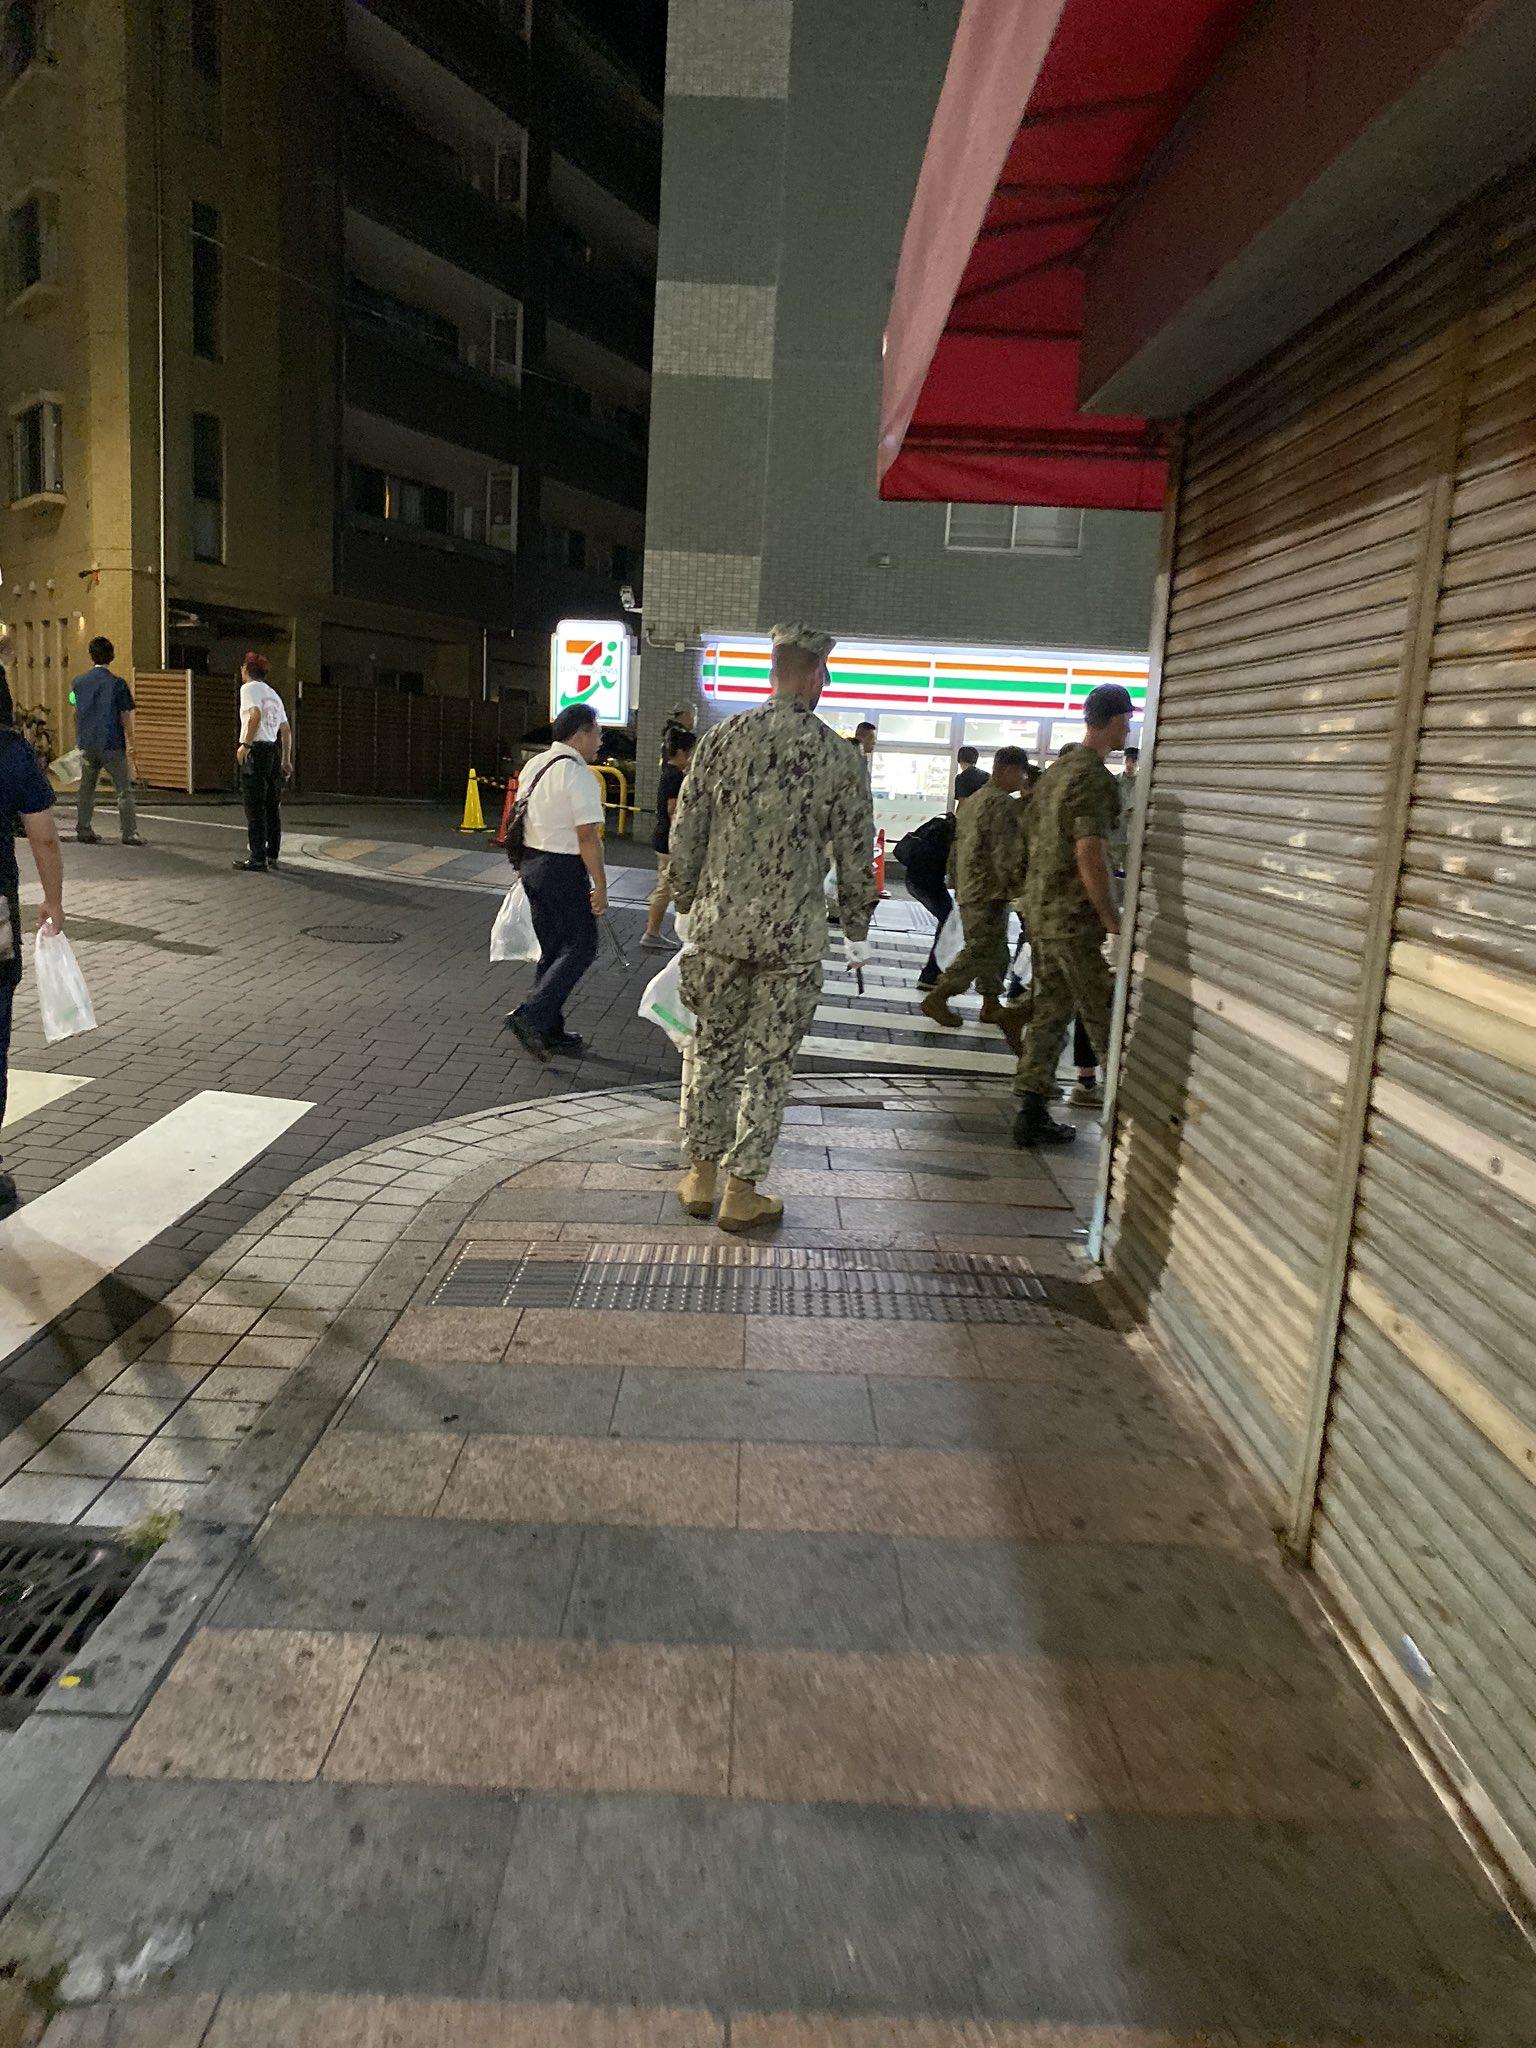 横須賀歩いてたらアメリカ軍がゴミ拾いしてた!こういうのってマスコミは報道しないだろうからSNSを通じてみんなが知るべきだと思う